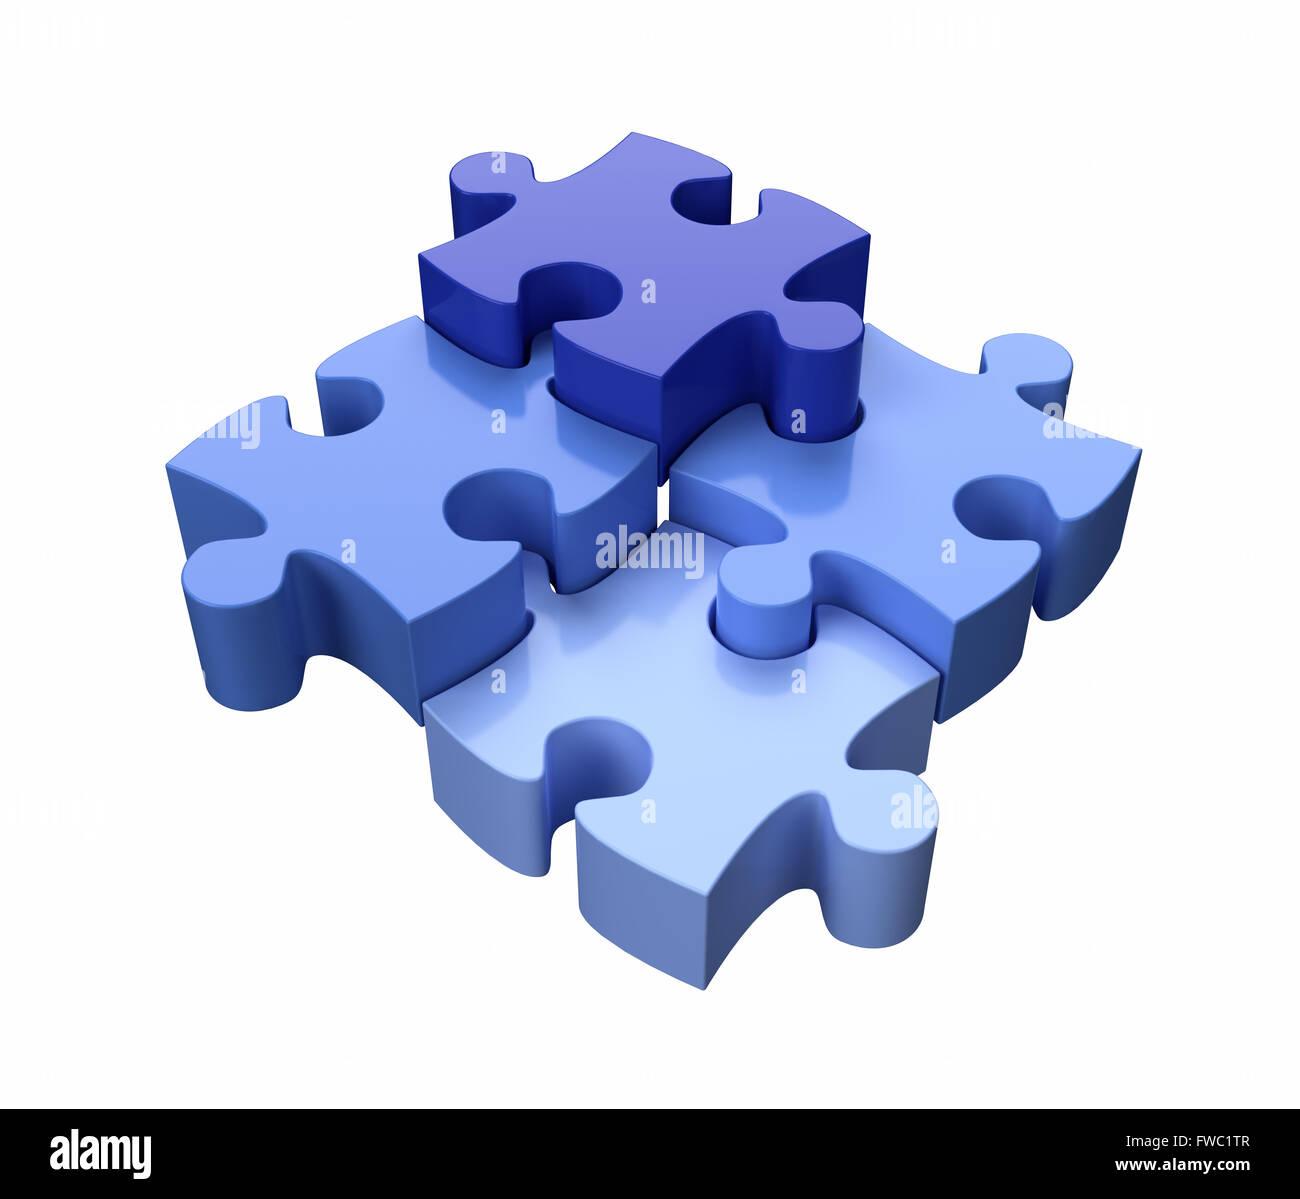 Vier Jigsaw Puzzle Stücke blau auf weißem Hintergrund Stockbild